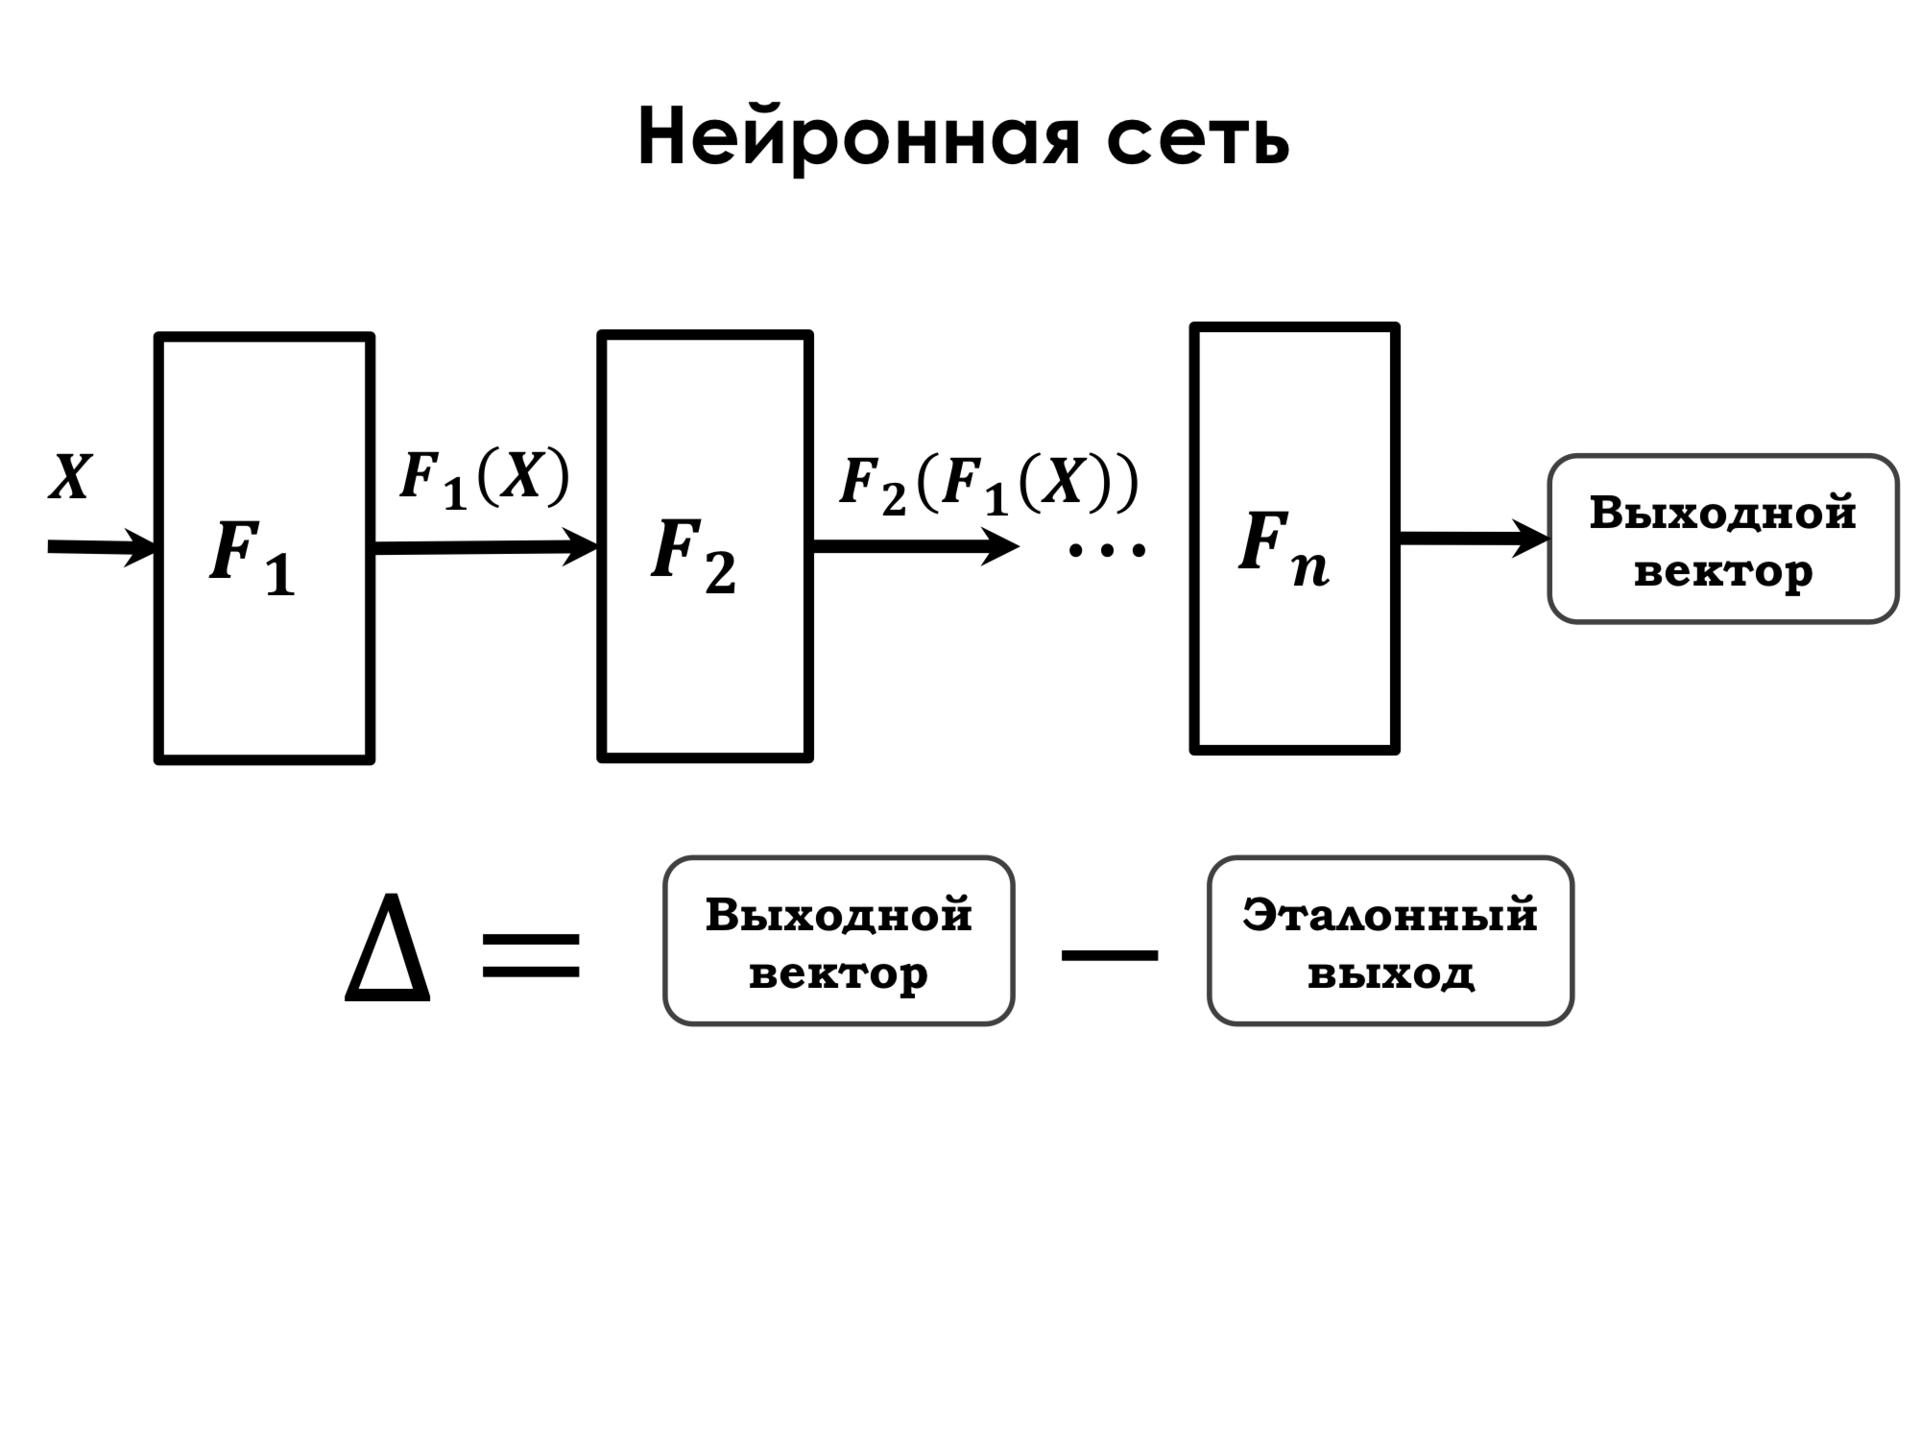 Самое главное о нейронных сетях. Лекция в Яндексе - 13